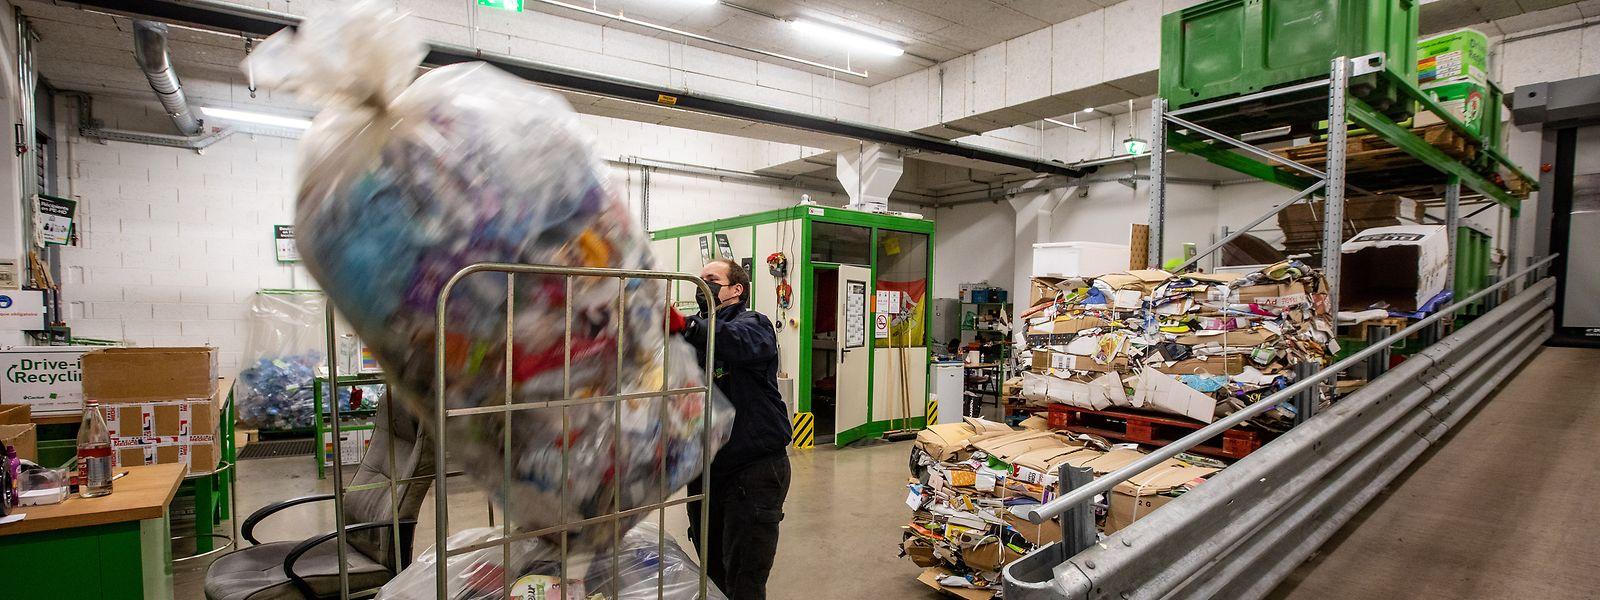 Entre 2018 et 2020, 17 entreprises ont adressé des demandes d'aides pour faire des études environnementales, notamment en termes de réutilisation des déchets.